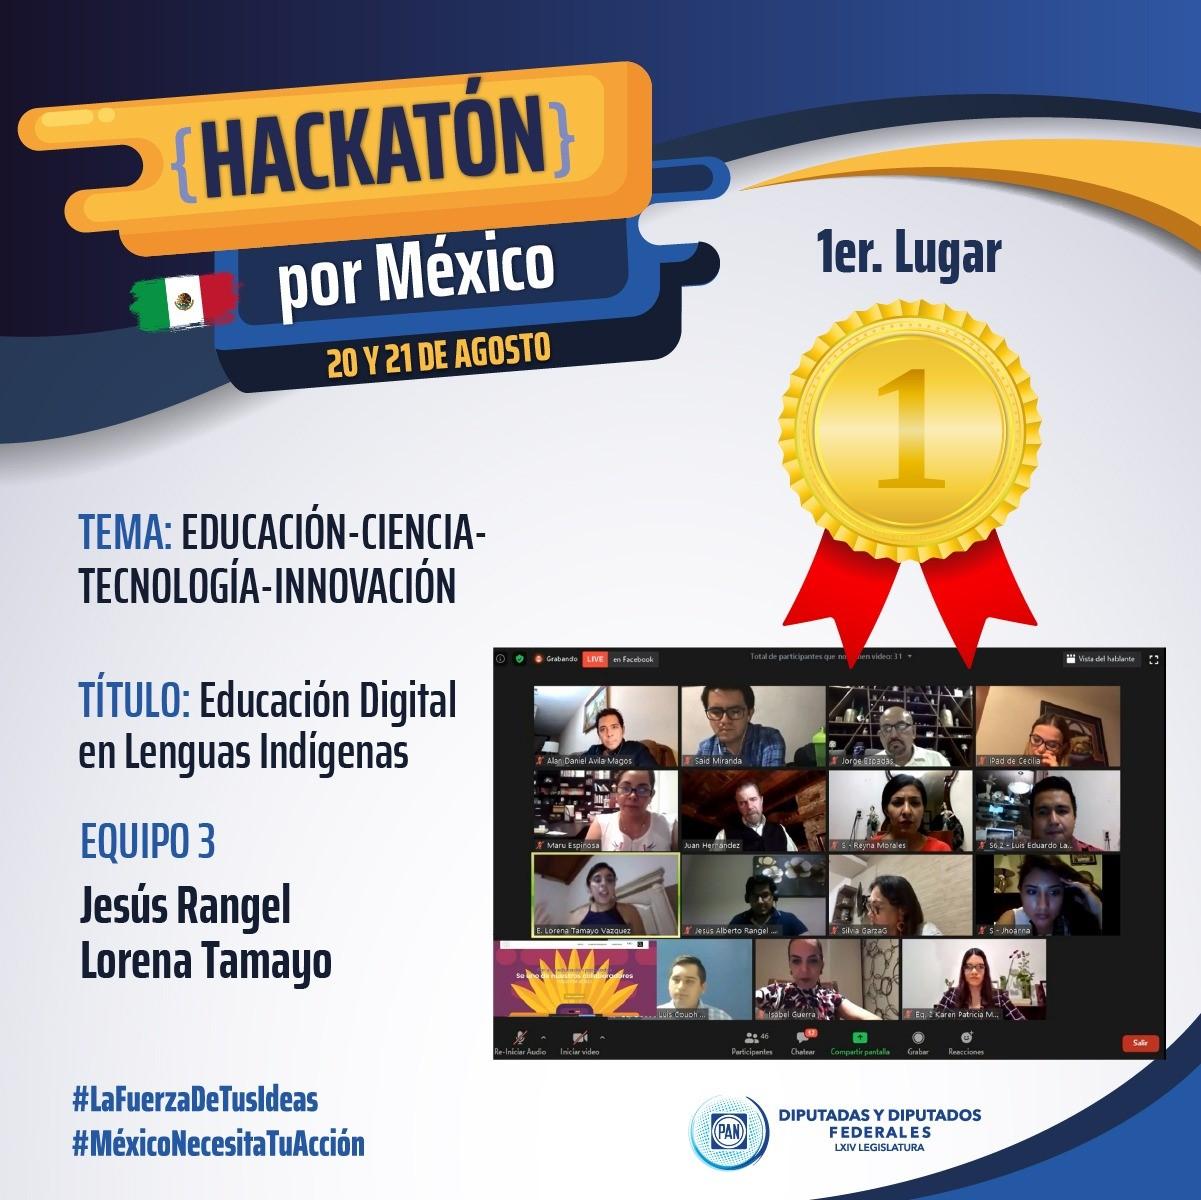 Ganan el concurso Hackatón estudiantes del TecNM campus IT Ensenada